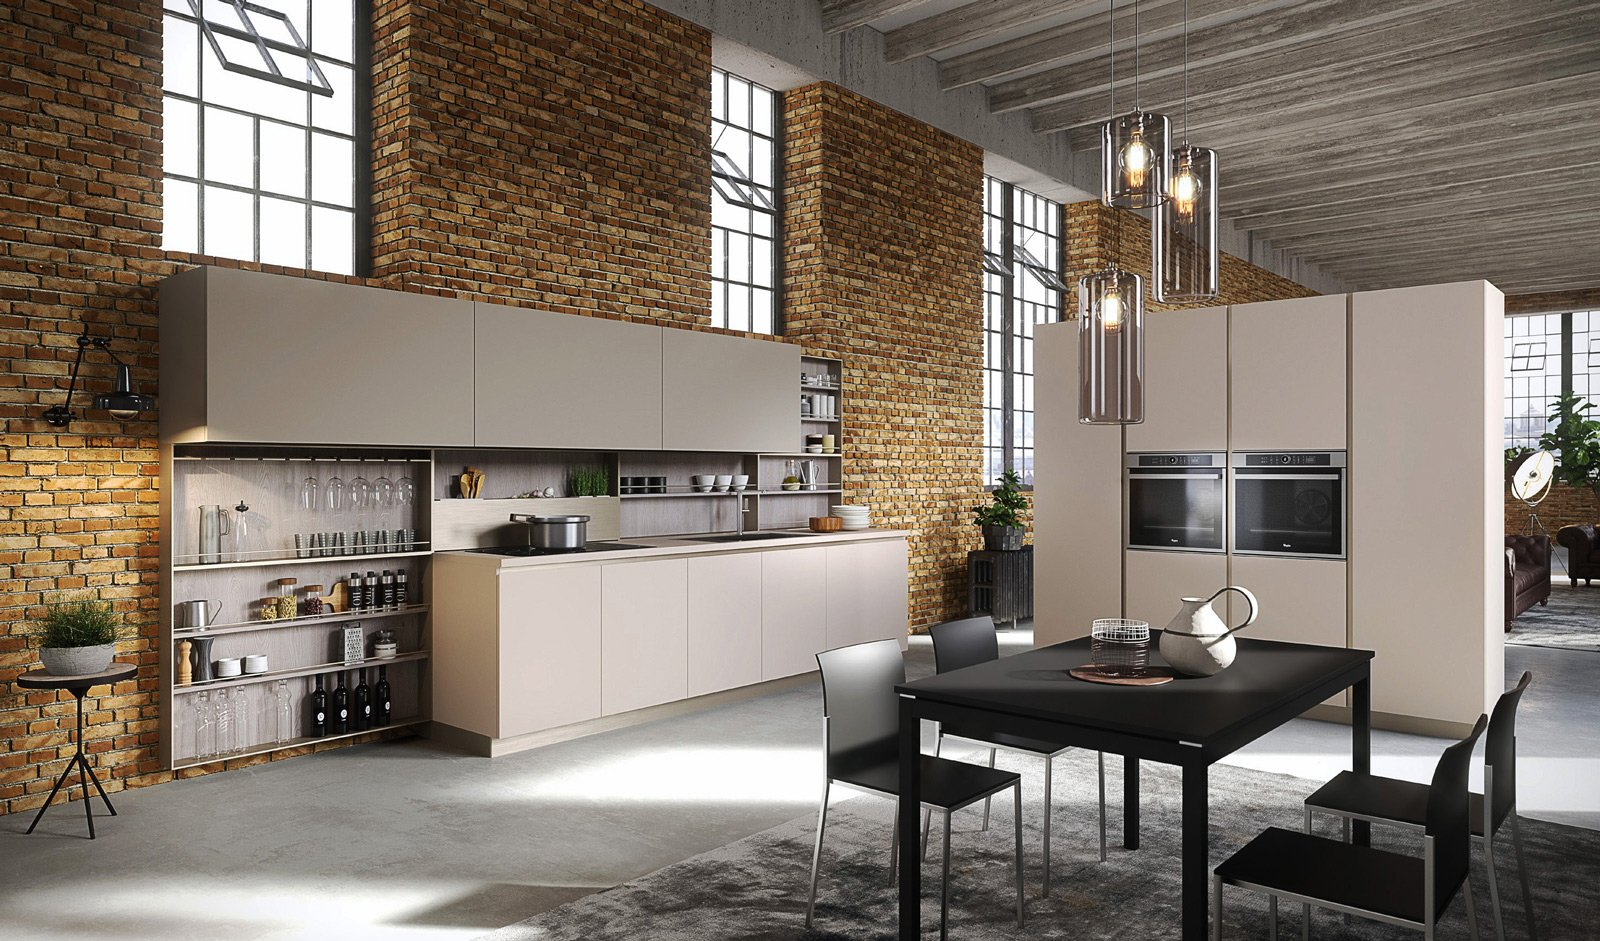 Separare La Cucina 9 Soluzioni Da Copiare Cose Di Casa